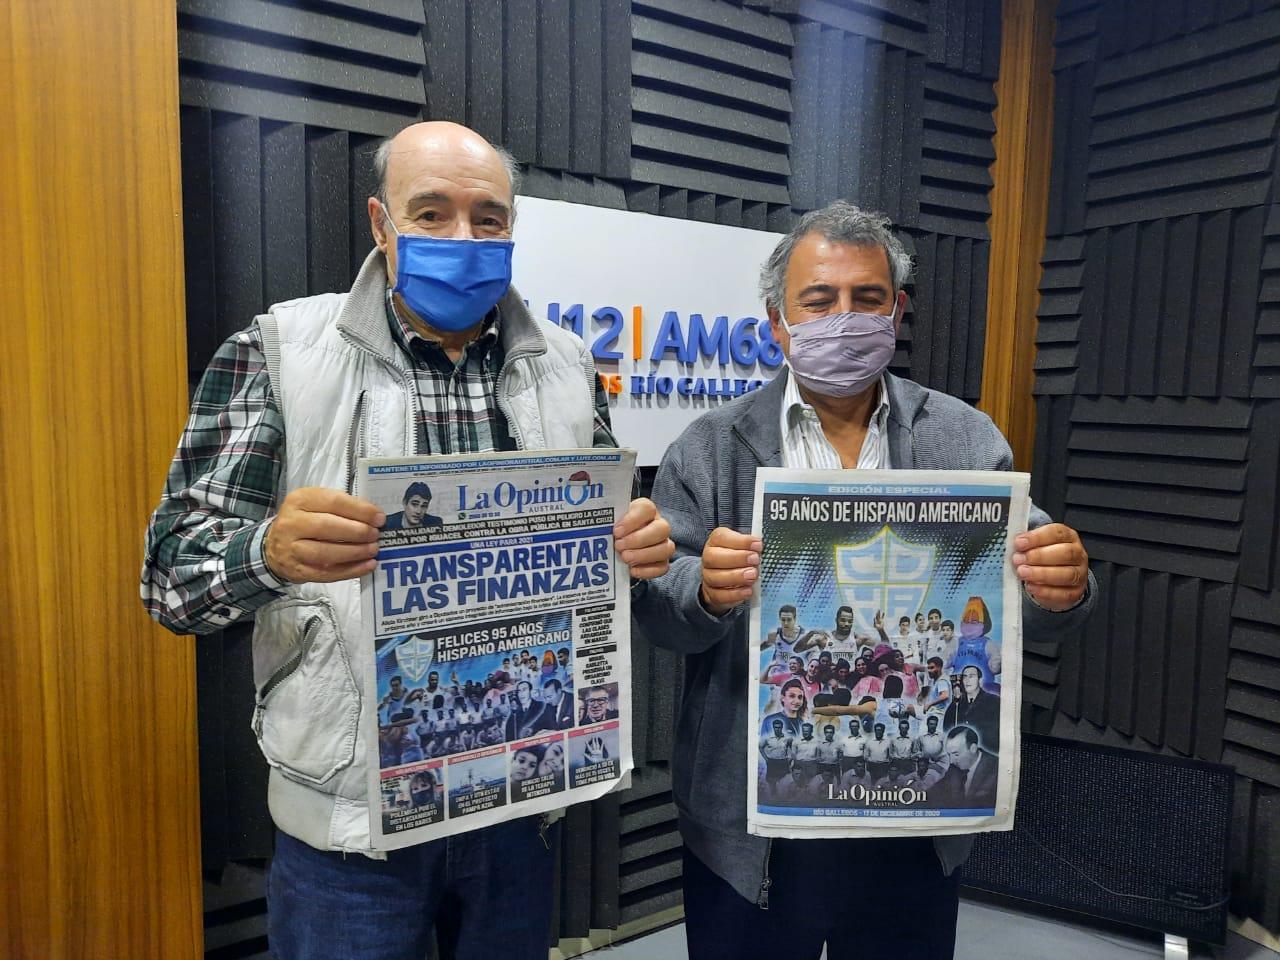 El presidente del Club Hispano Americano, Jorge Castro, y el conductor radial Carlos Zapico, durante el especial de LU12 por el aniversario del Celeste. Ambos con las tapas de La Opinión Austral en homenaje al club.